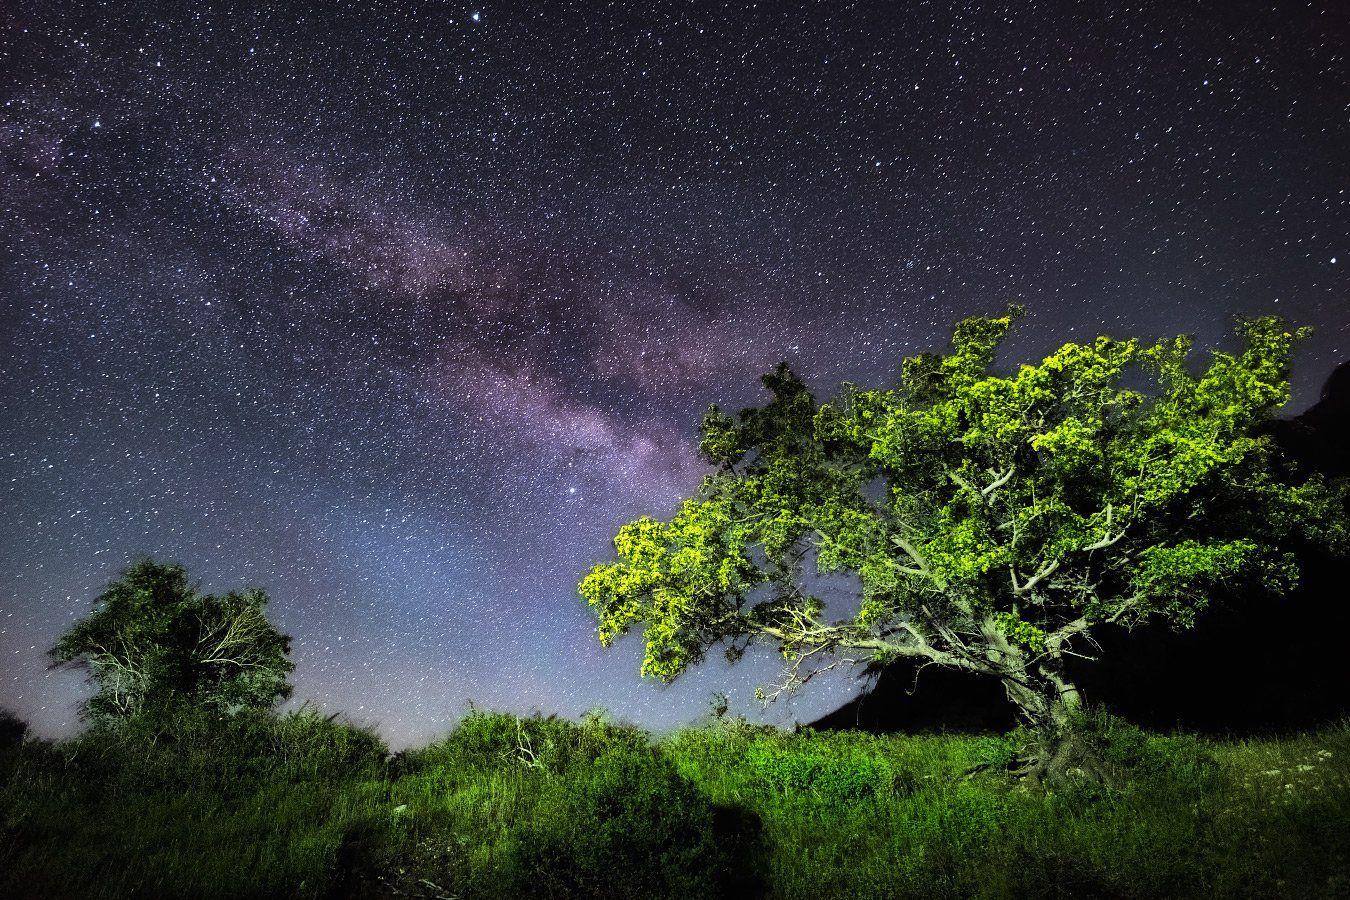 дерево, звездное небо, млечный путь, ночь, Ольга Кулакова